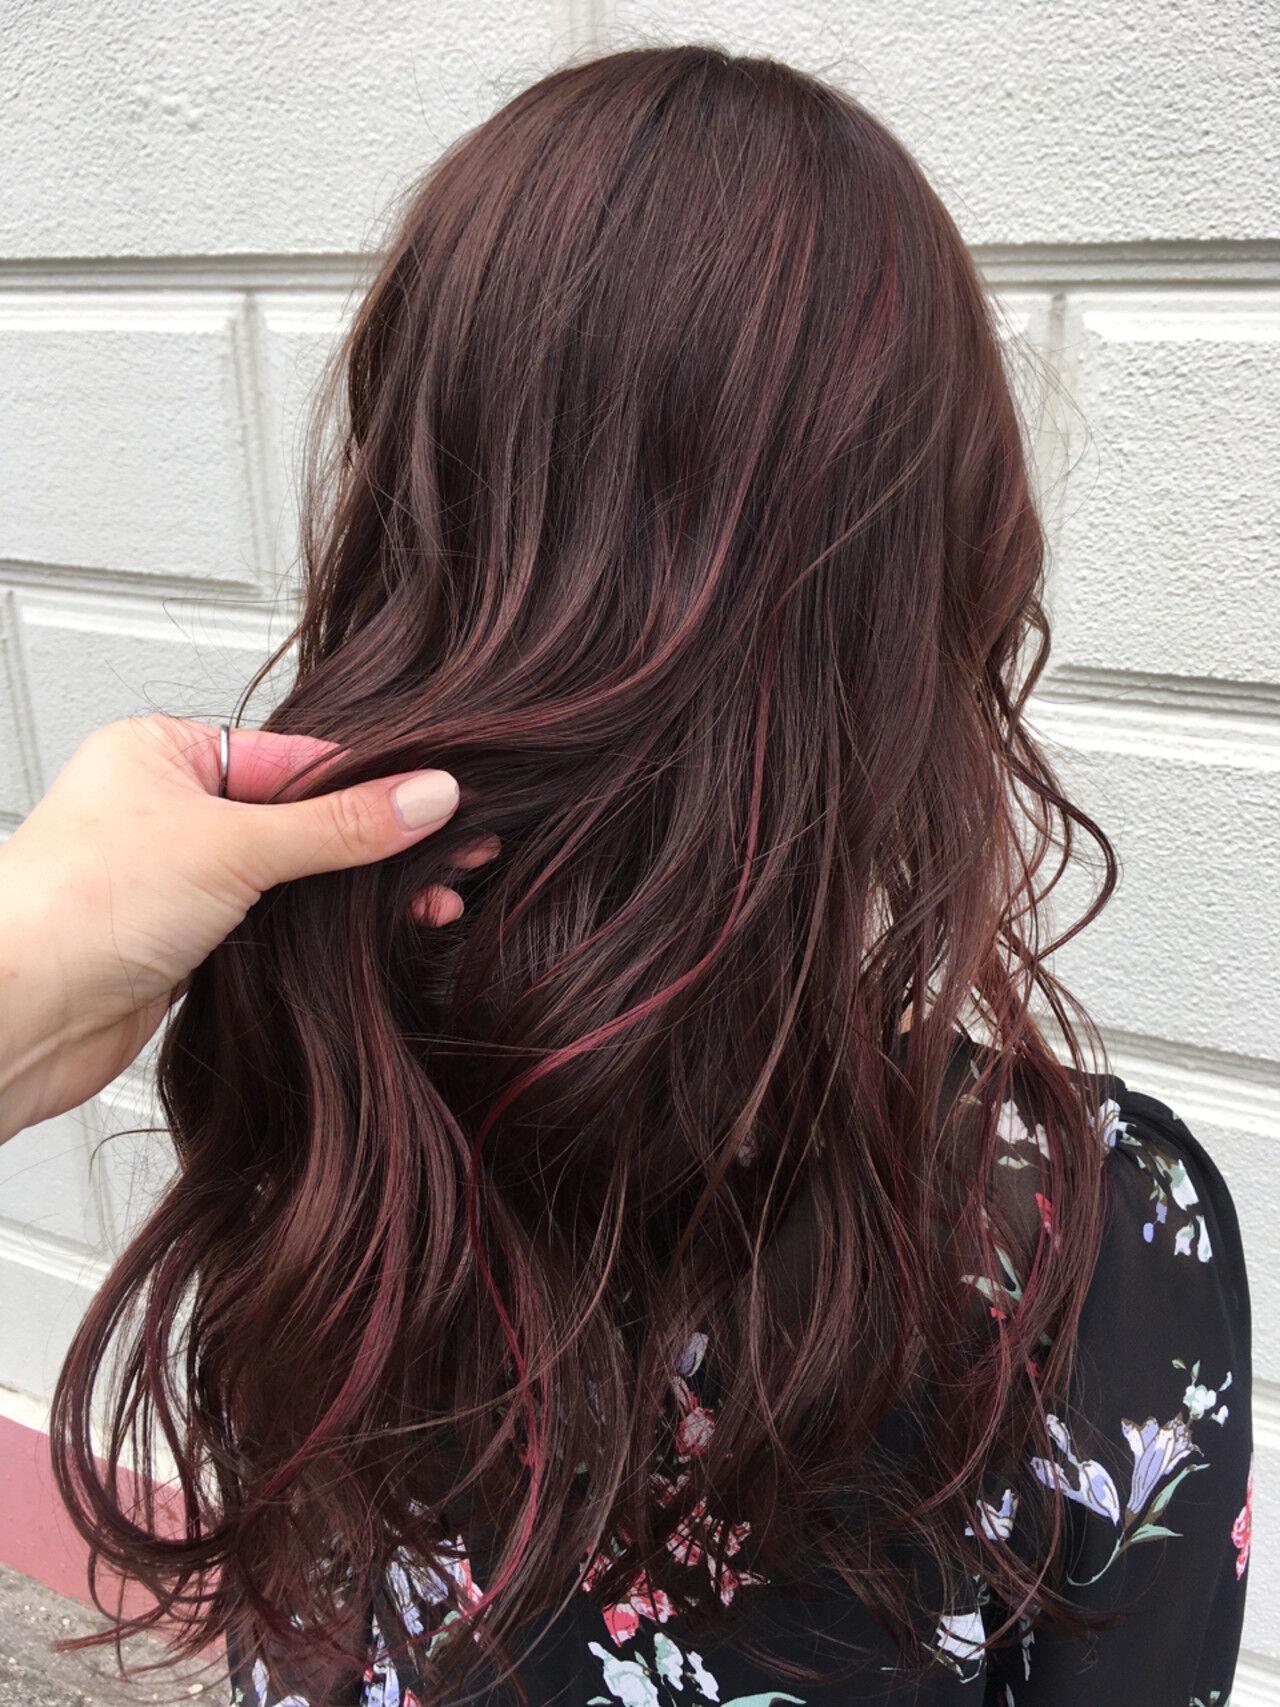 ローライト 巻き髪 ピンク ナチュラルヘアスタイルや髪型の写真・画像